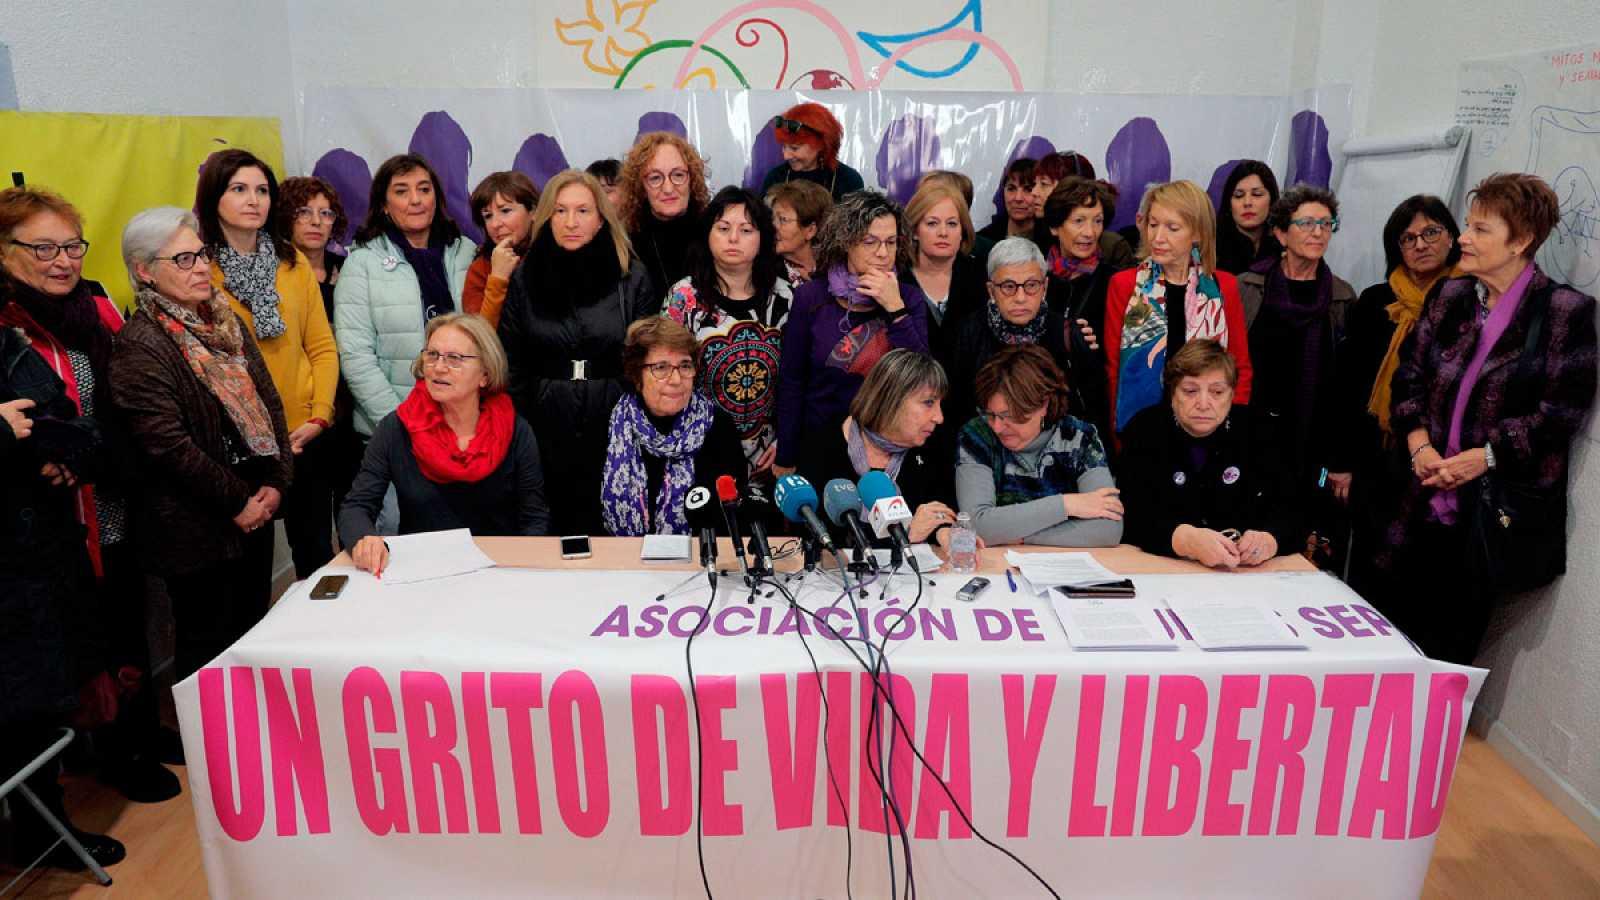 El movimiento feminista se moviliza contra la iniciativa de VOX de derogar la Ley de Violencia de Género